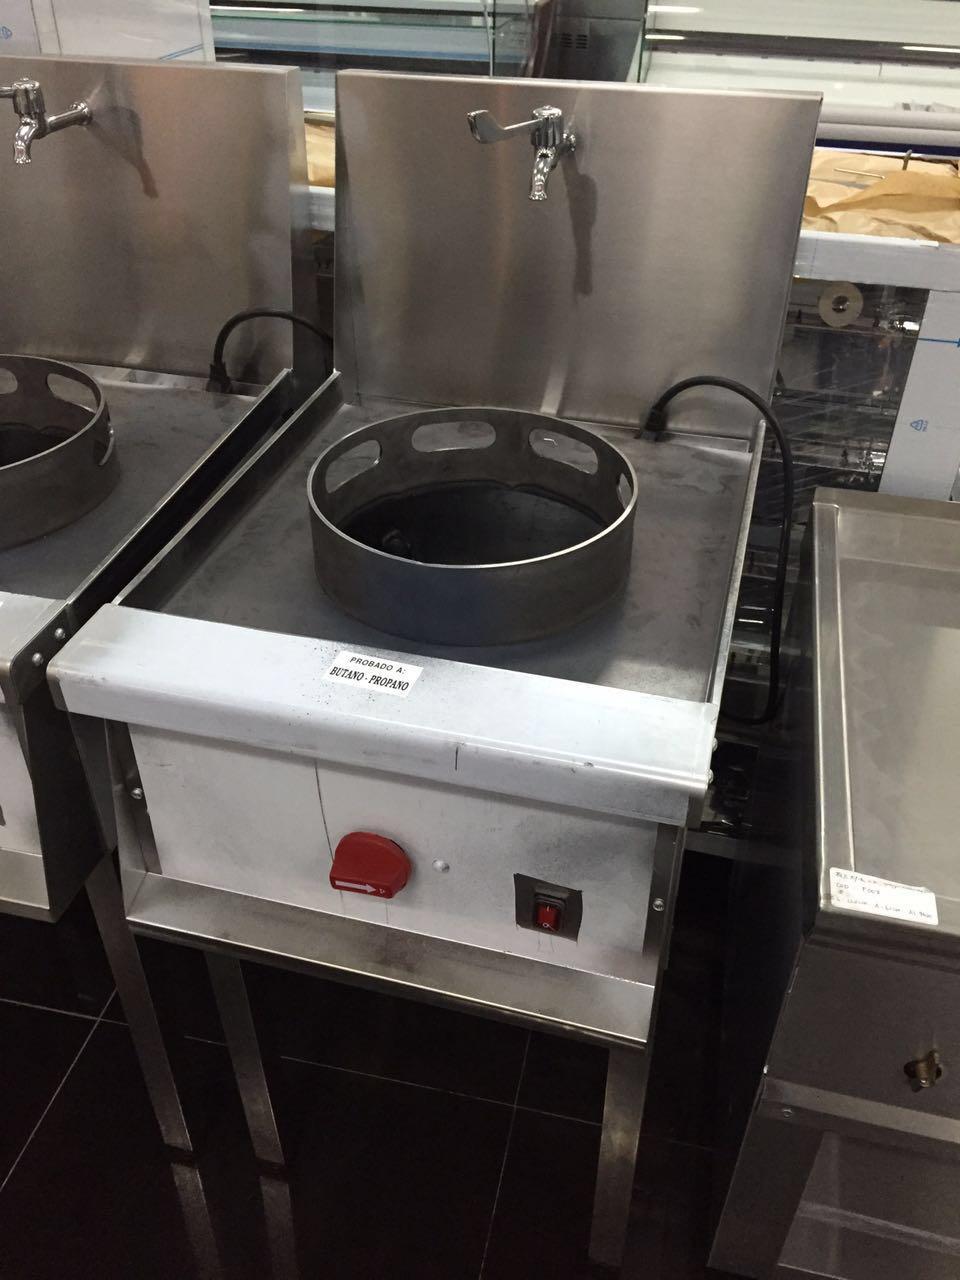 Cocina wok de 1 fuego 02 muebles y maquinaria hosteler a for Cocina hosteleria